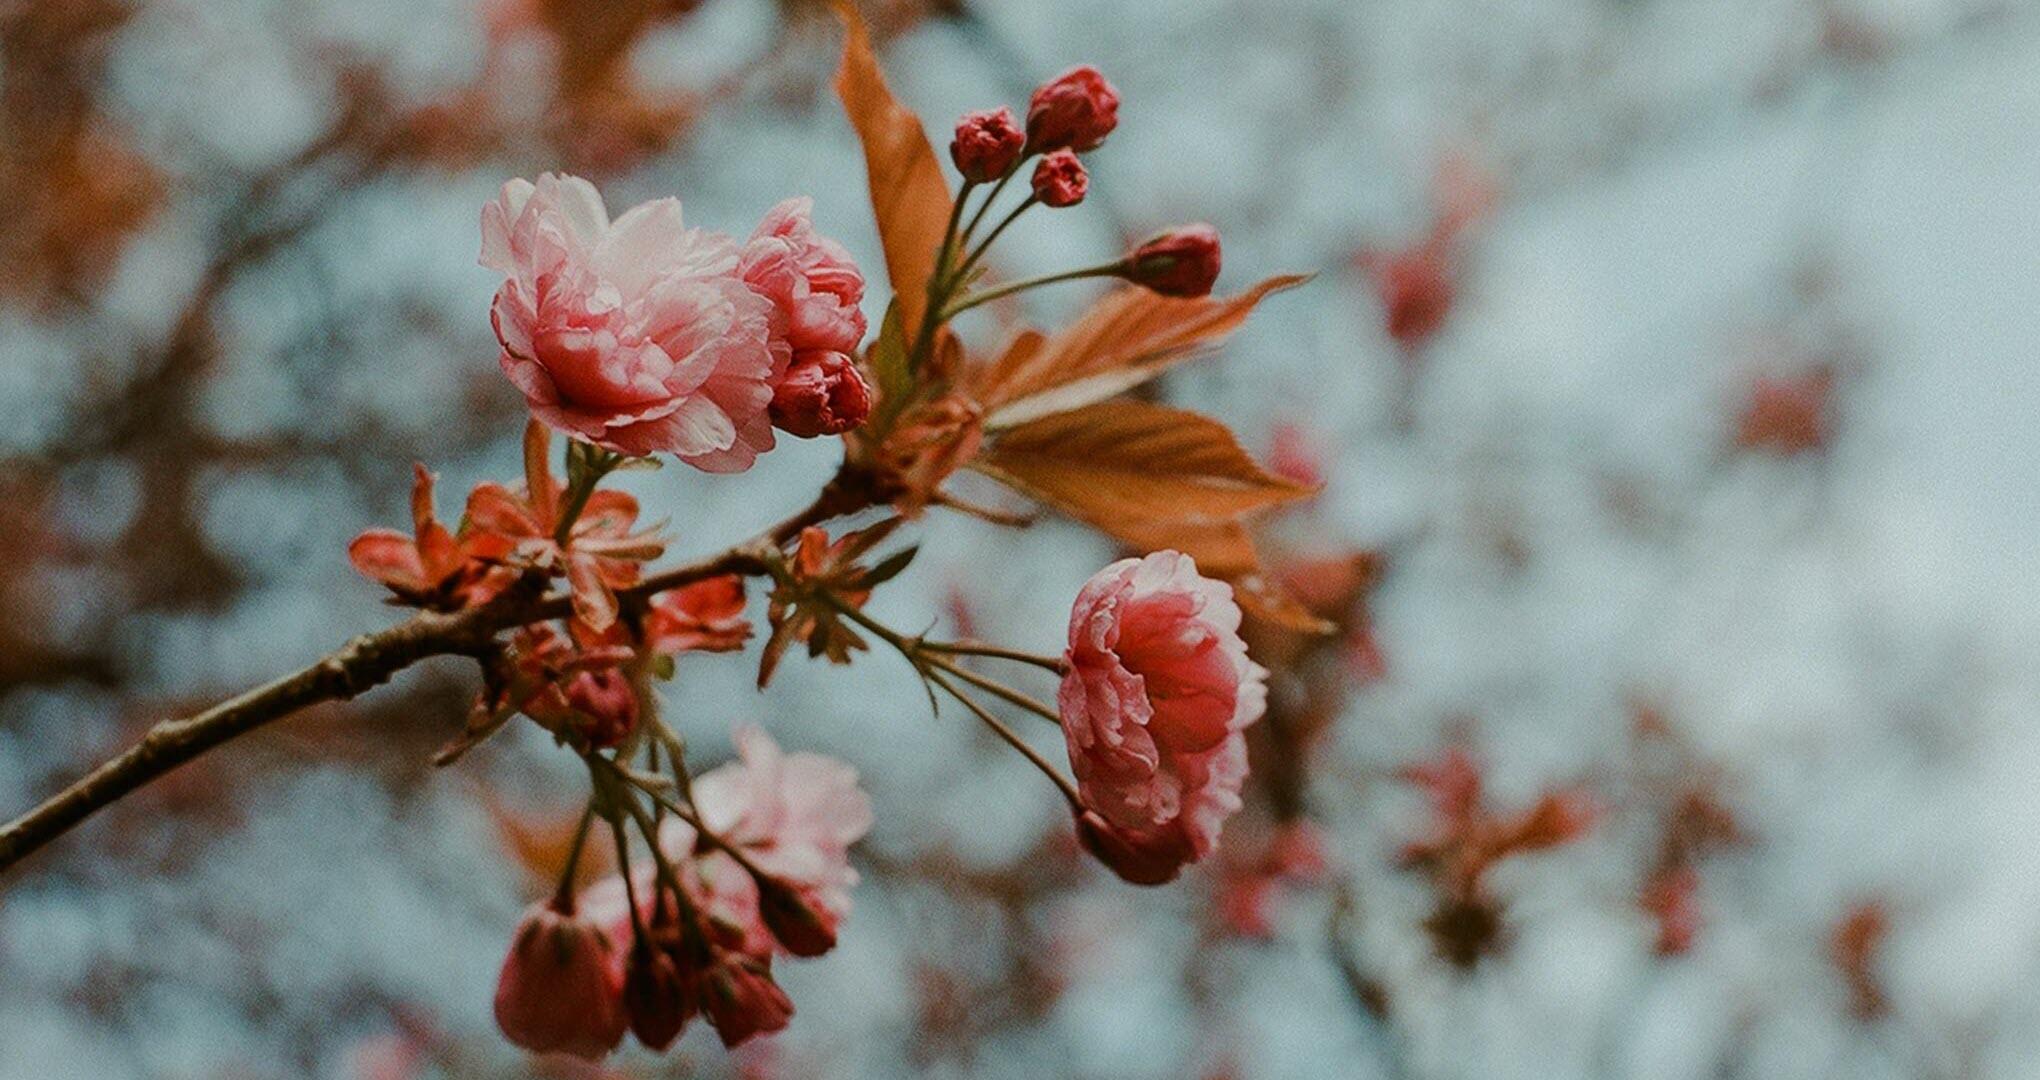 Hình nền mùa xuân nhẹ nhàng